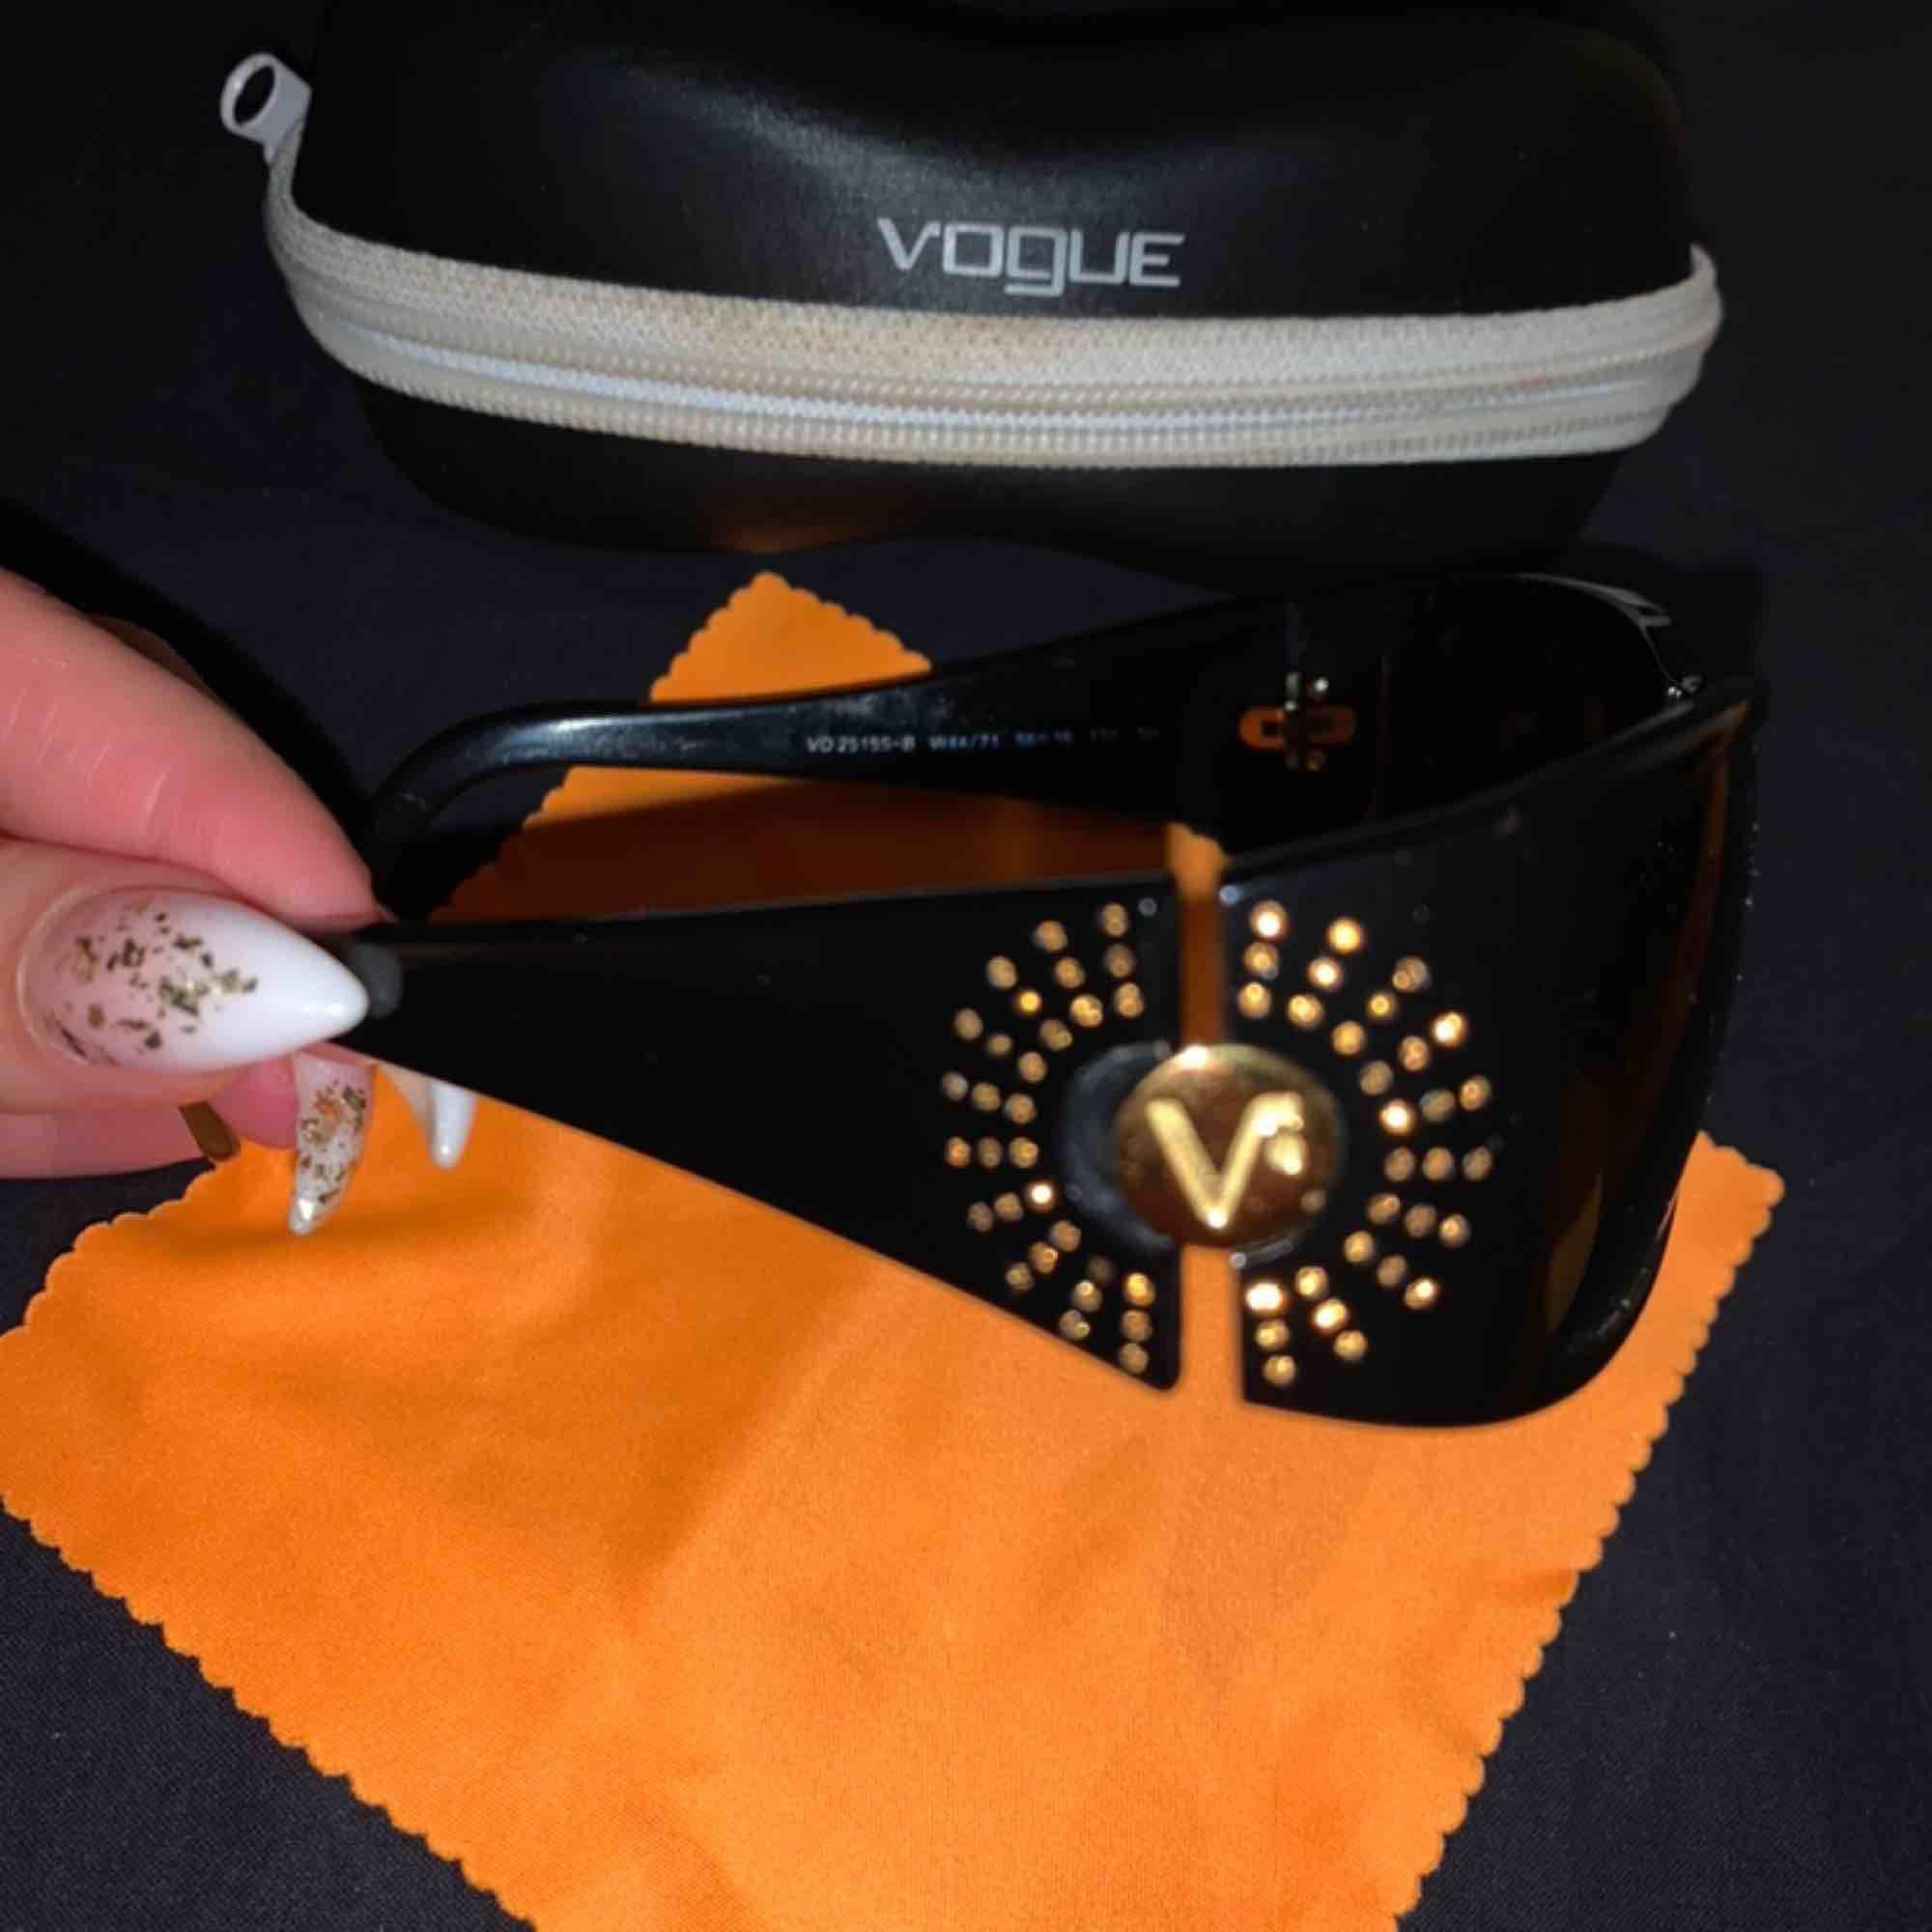 Solglasögon Vogue   Hämtas upp i Näckrosen hos mig  ❌Träffas endast för att genomföra köpet!! Ej för att testa. Accessoarer.